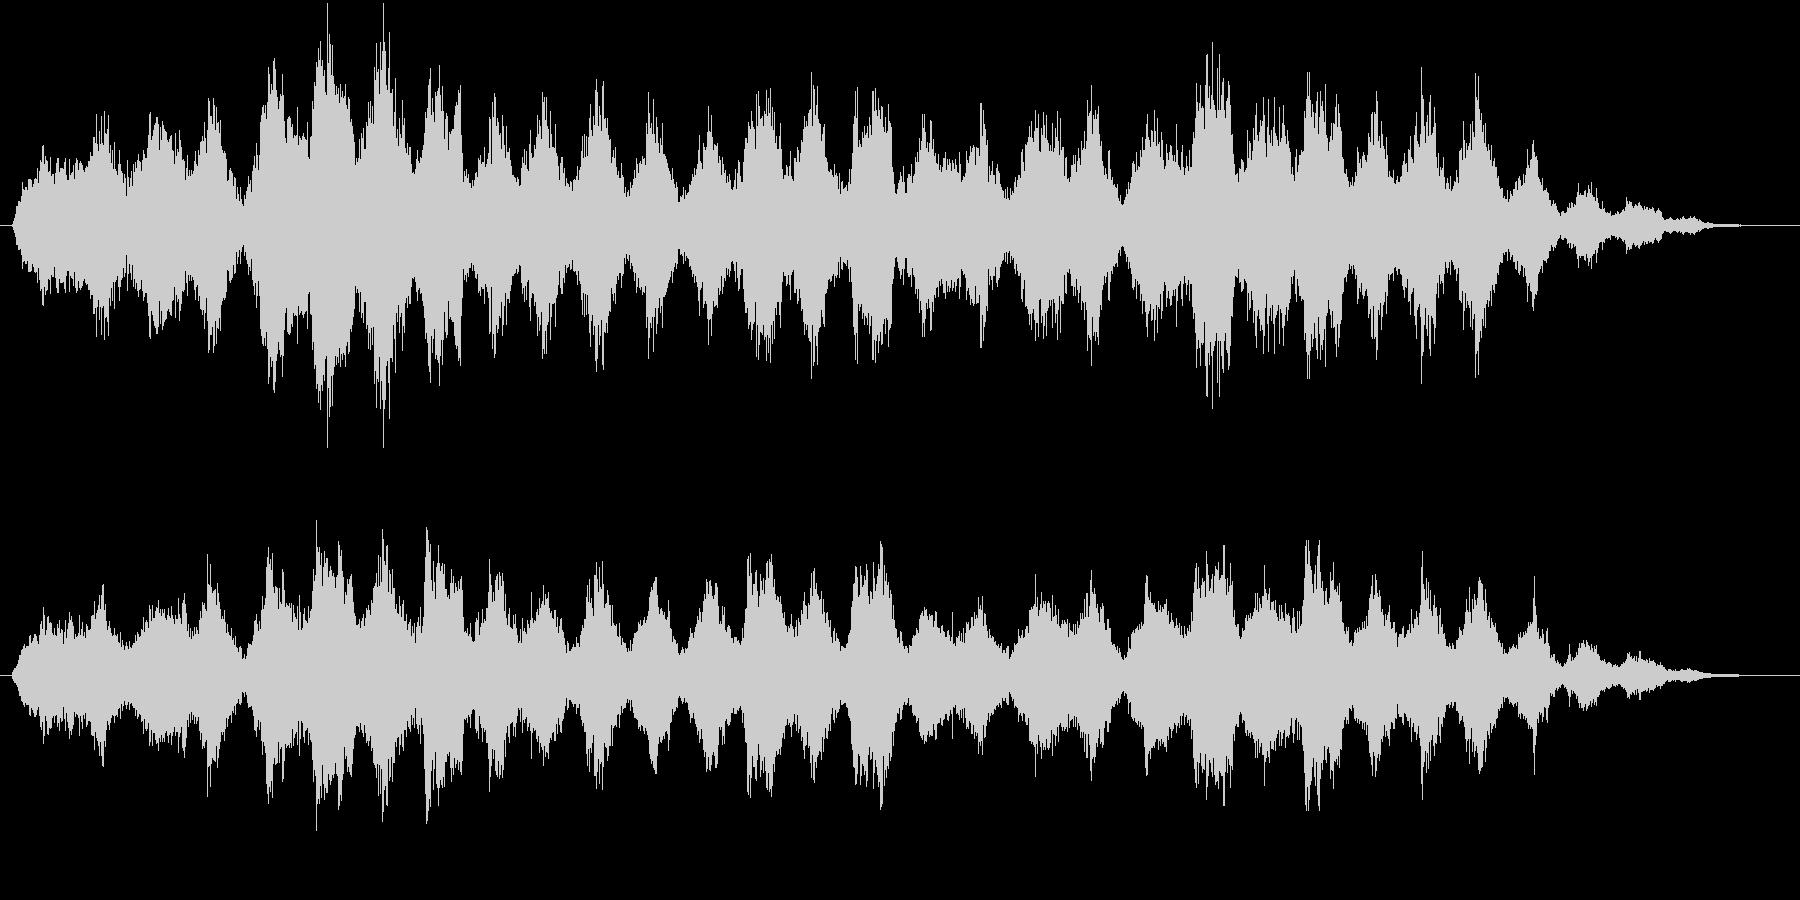 孤独瞑想(リラックス)【オーケストラ】の未再生の波形